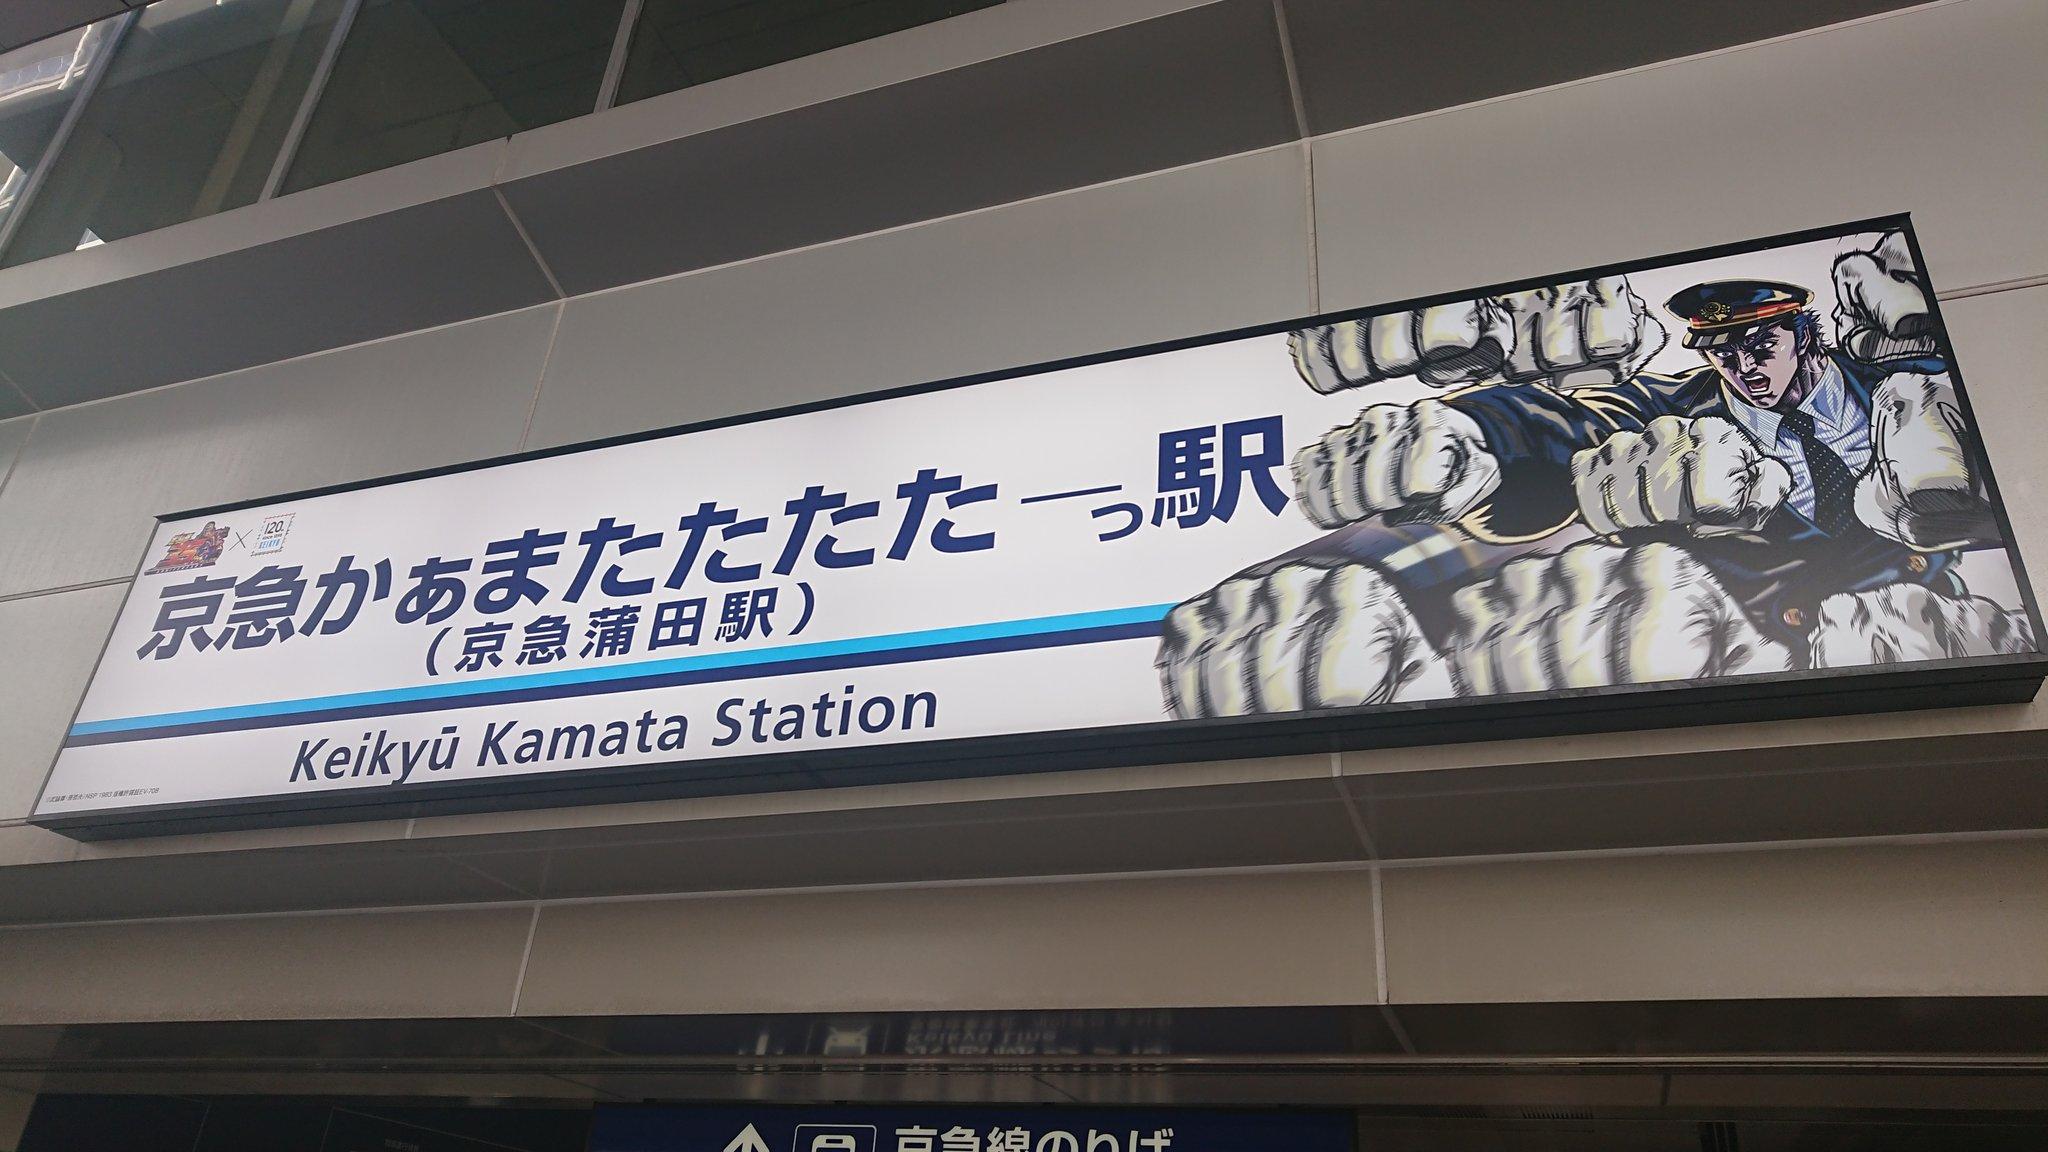 今日からしばらく京急蒲田駅が京急かぁまたたたたーっ駅